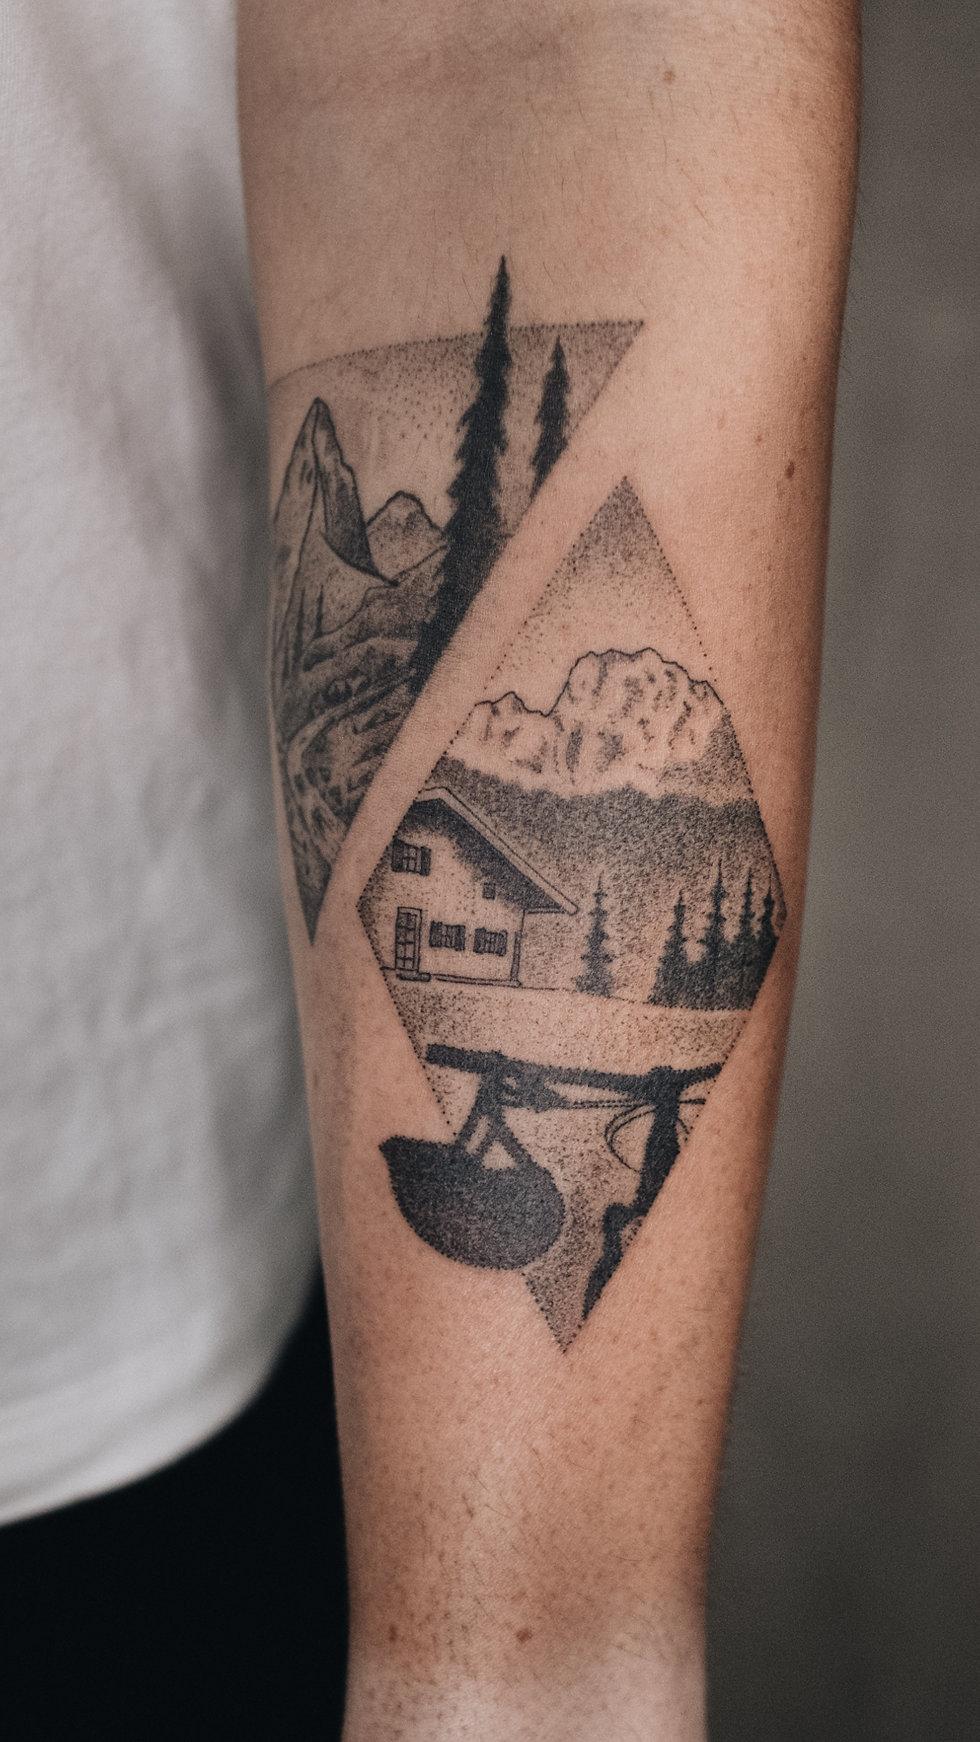 Berge, Rad, Hütte, Landschafts Tattoo, Dotwork, Permanent Postcard Rippen Tattoo von Bob Fizz, MINT CLUB Tattoo Salzburg